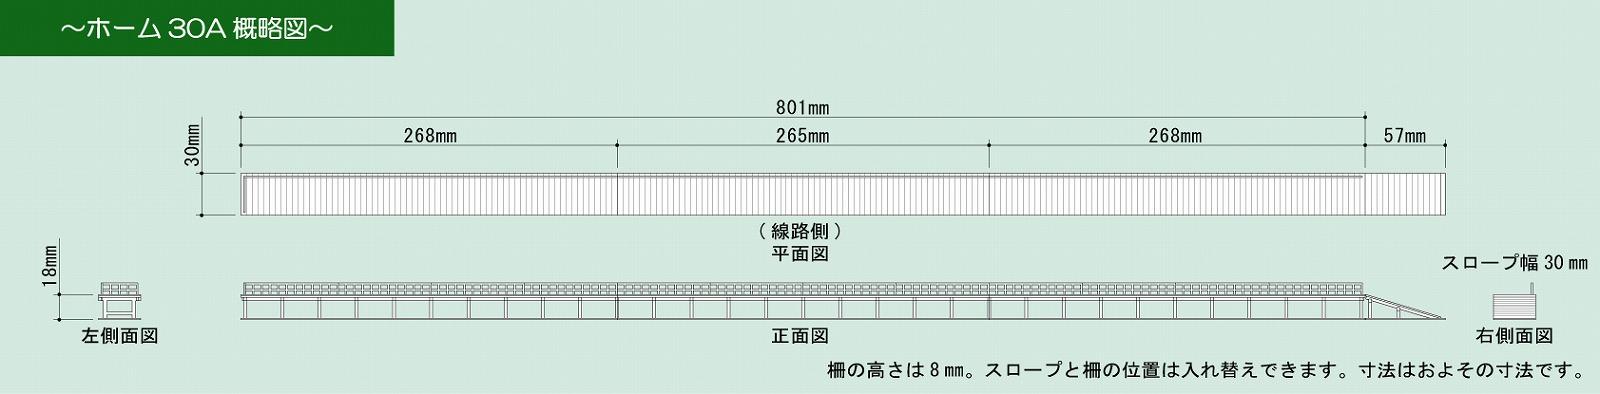 ホーム30A :さんけい キット HO(1/87) MK05-24